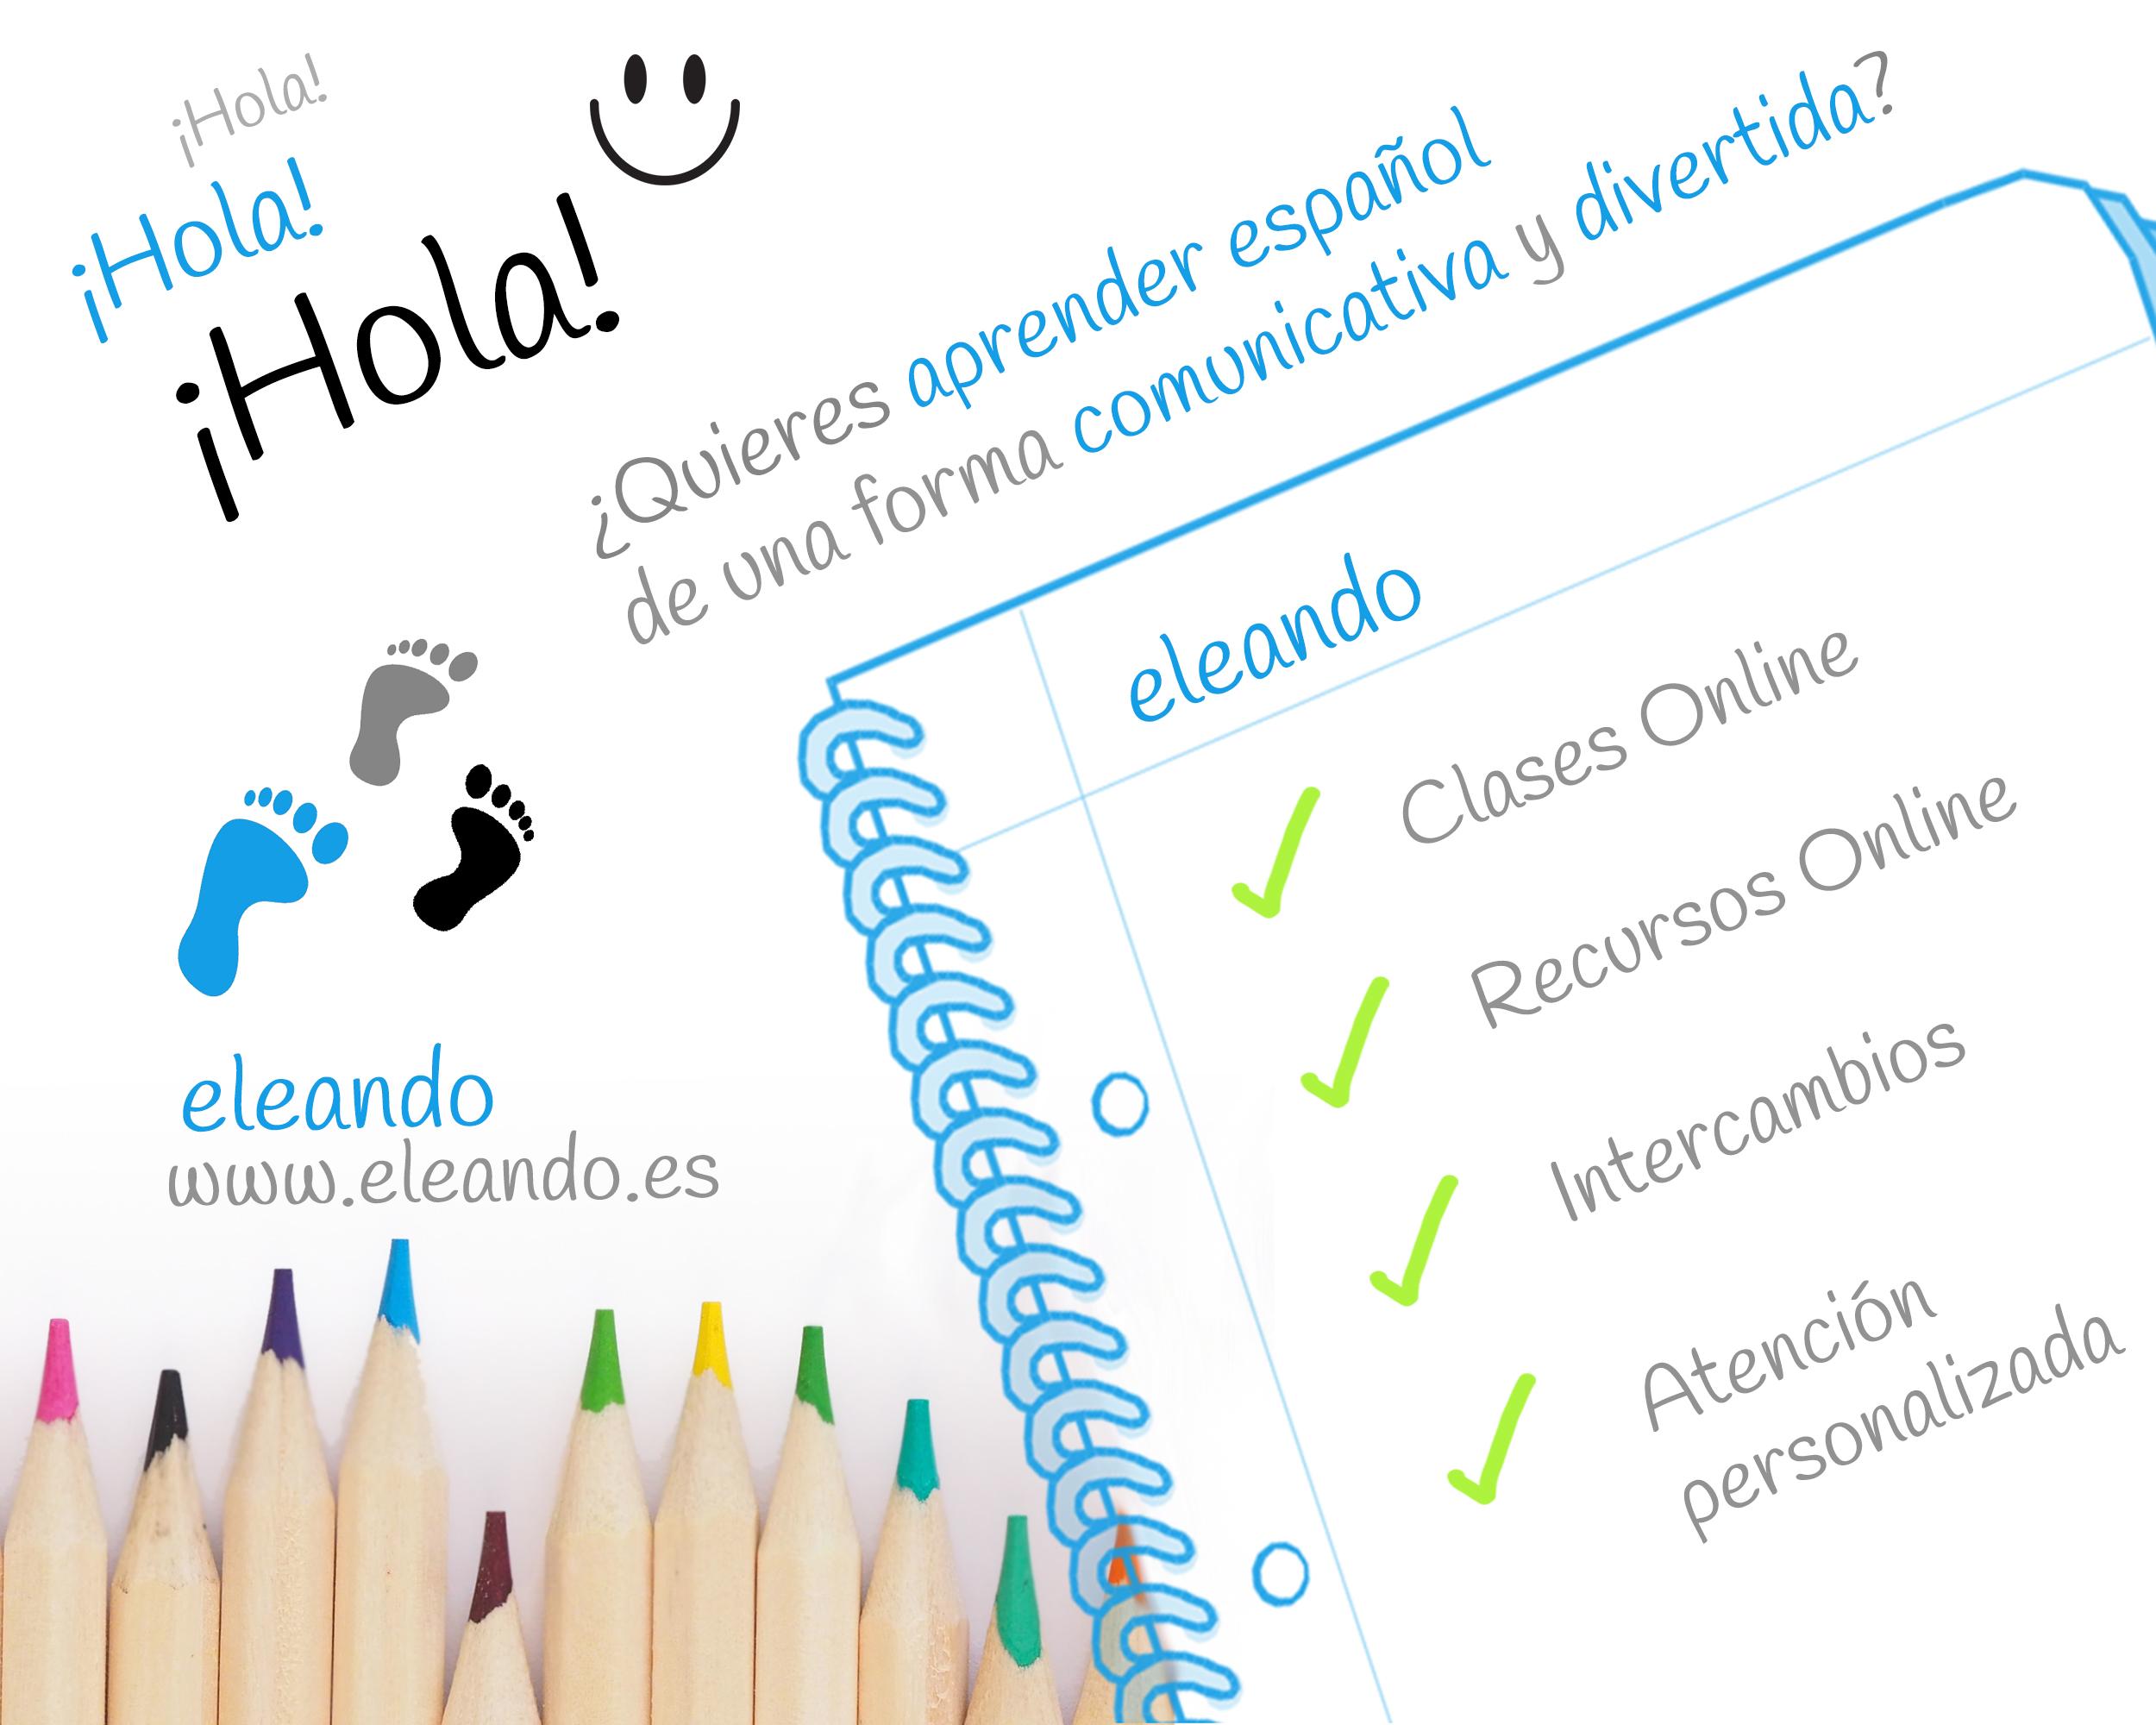 cabecera_sobre_eleando_3